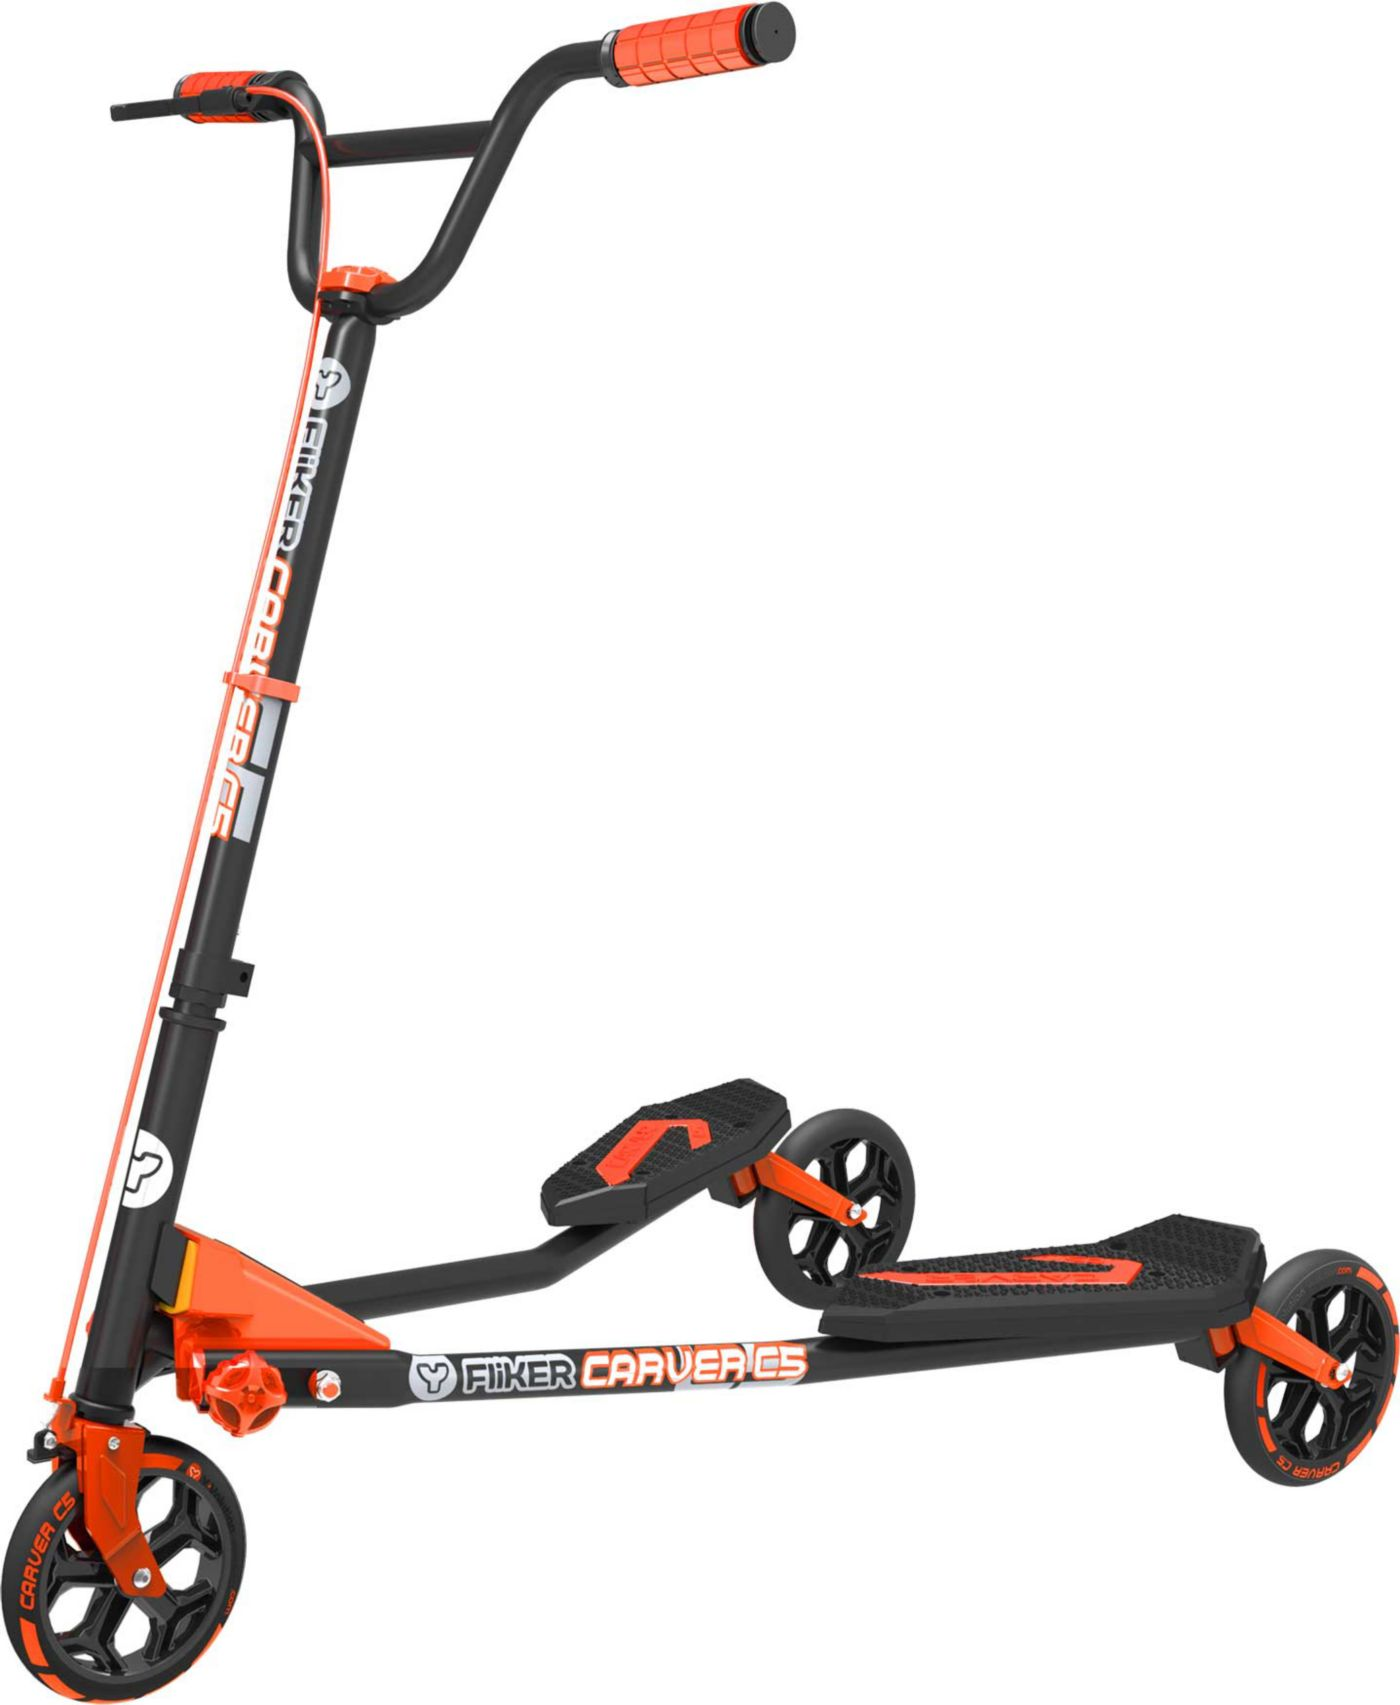 Yvolution Y Fliker Carver C5 Scooter